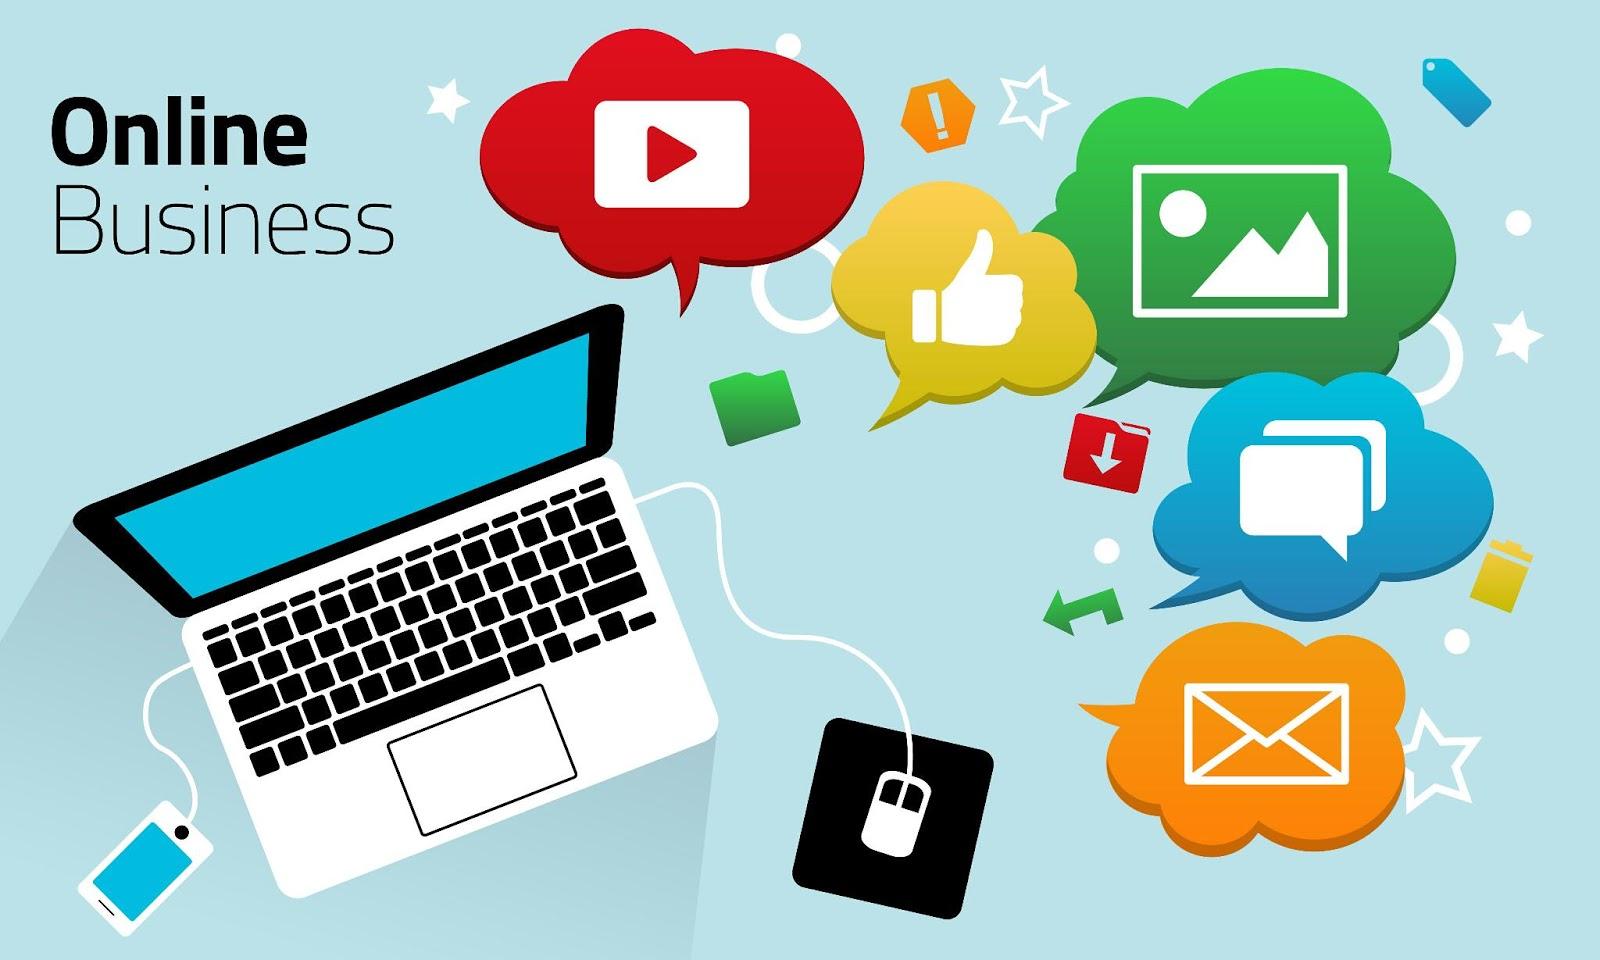 Panduan Memulai Bisnis Online Untuk Pemula Peluang Usaha Rakyat